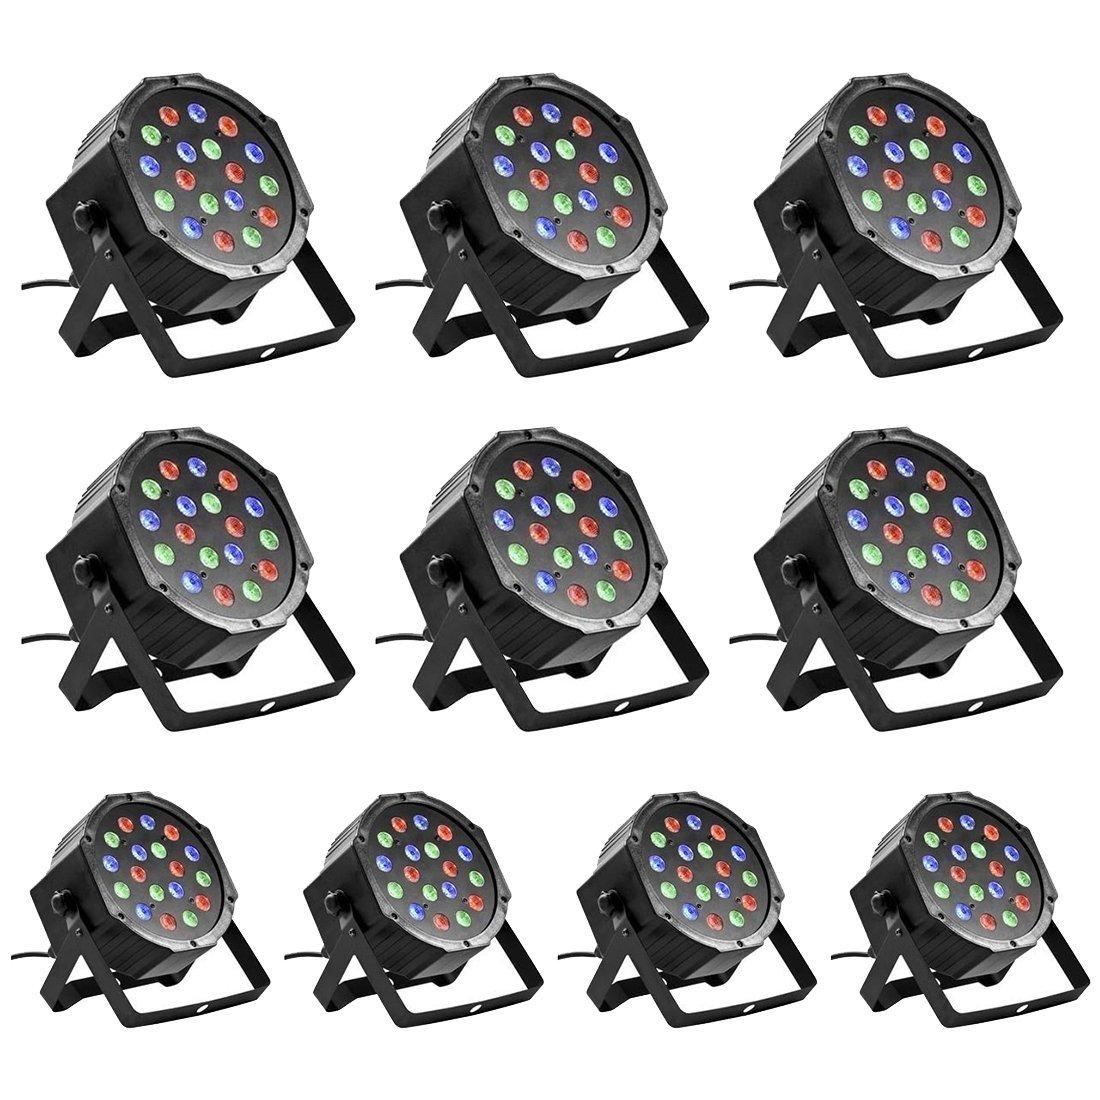 LED DJ Par Lights - TOOGOO(R) 10PCS 18 X 3W LED DJ Par Lights 54W RGB PAR64 DMX512 For Stage Party Show